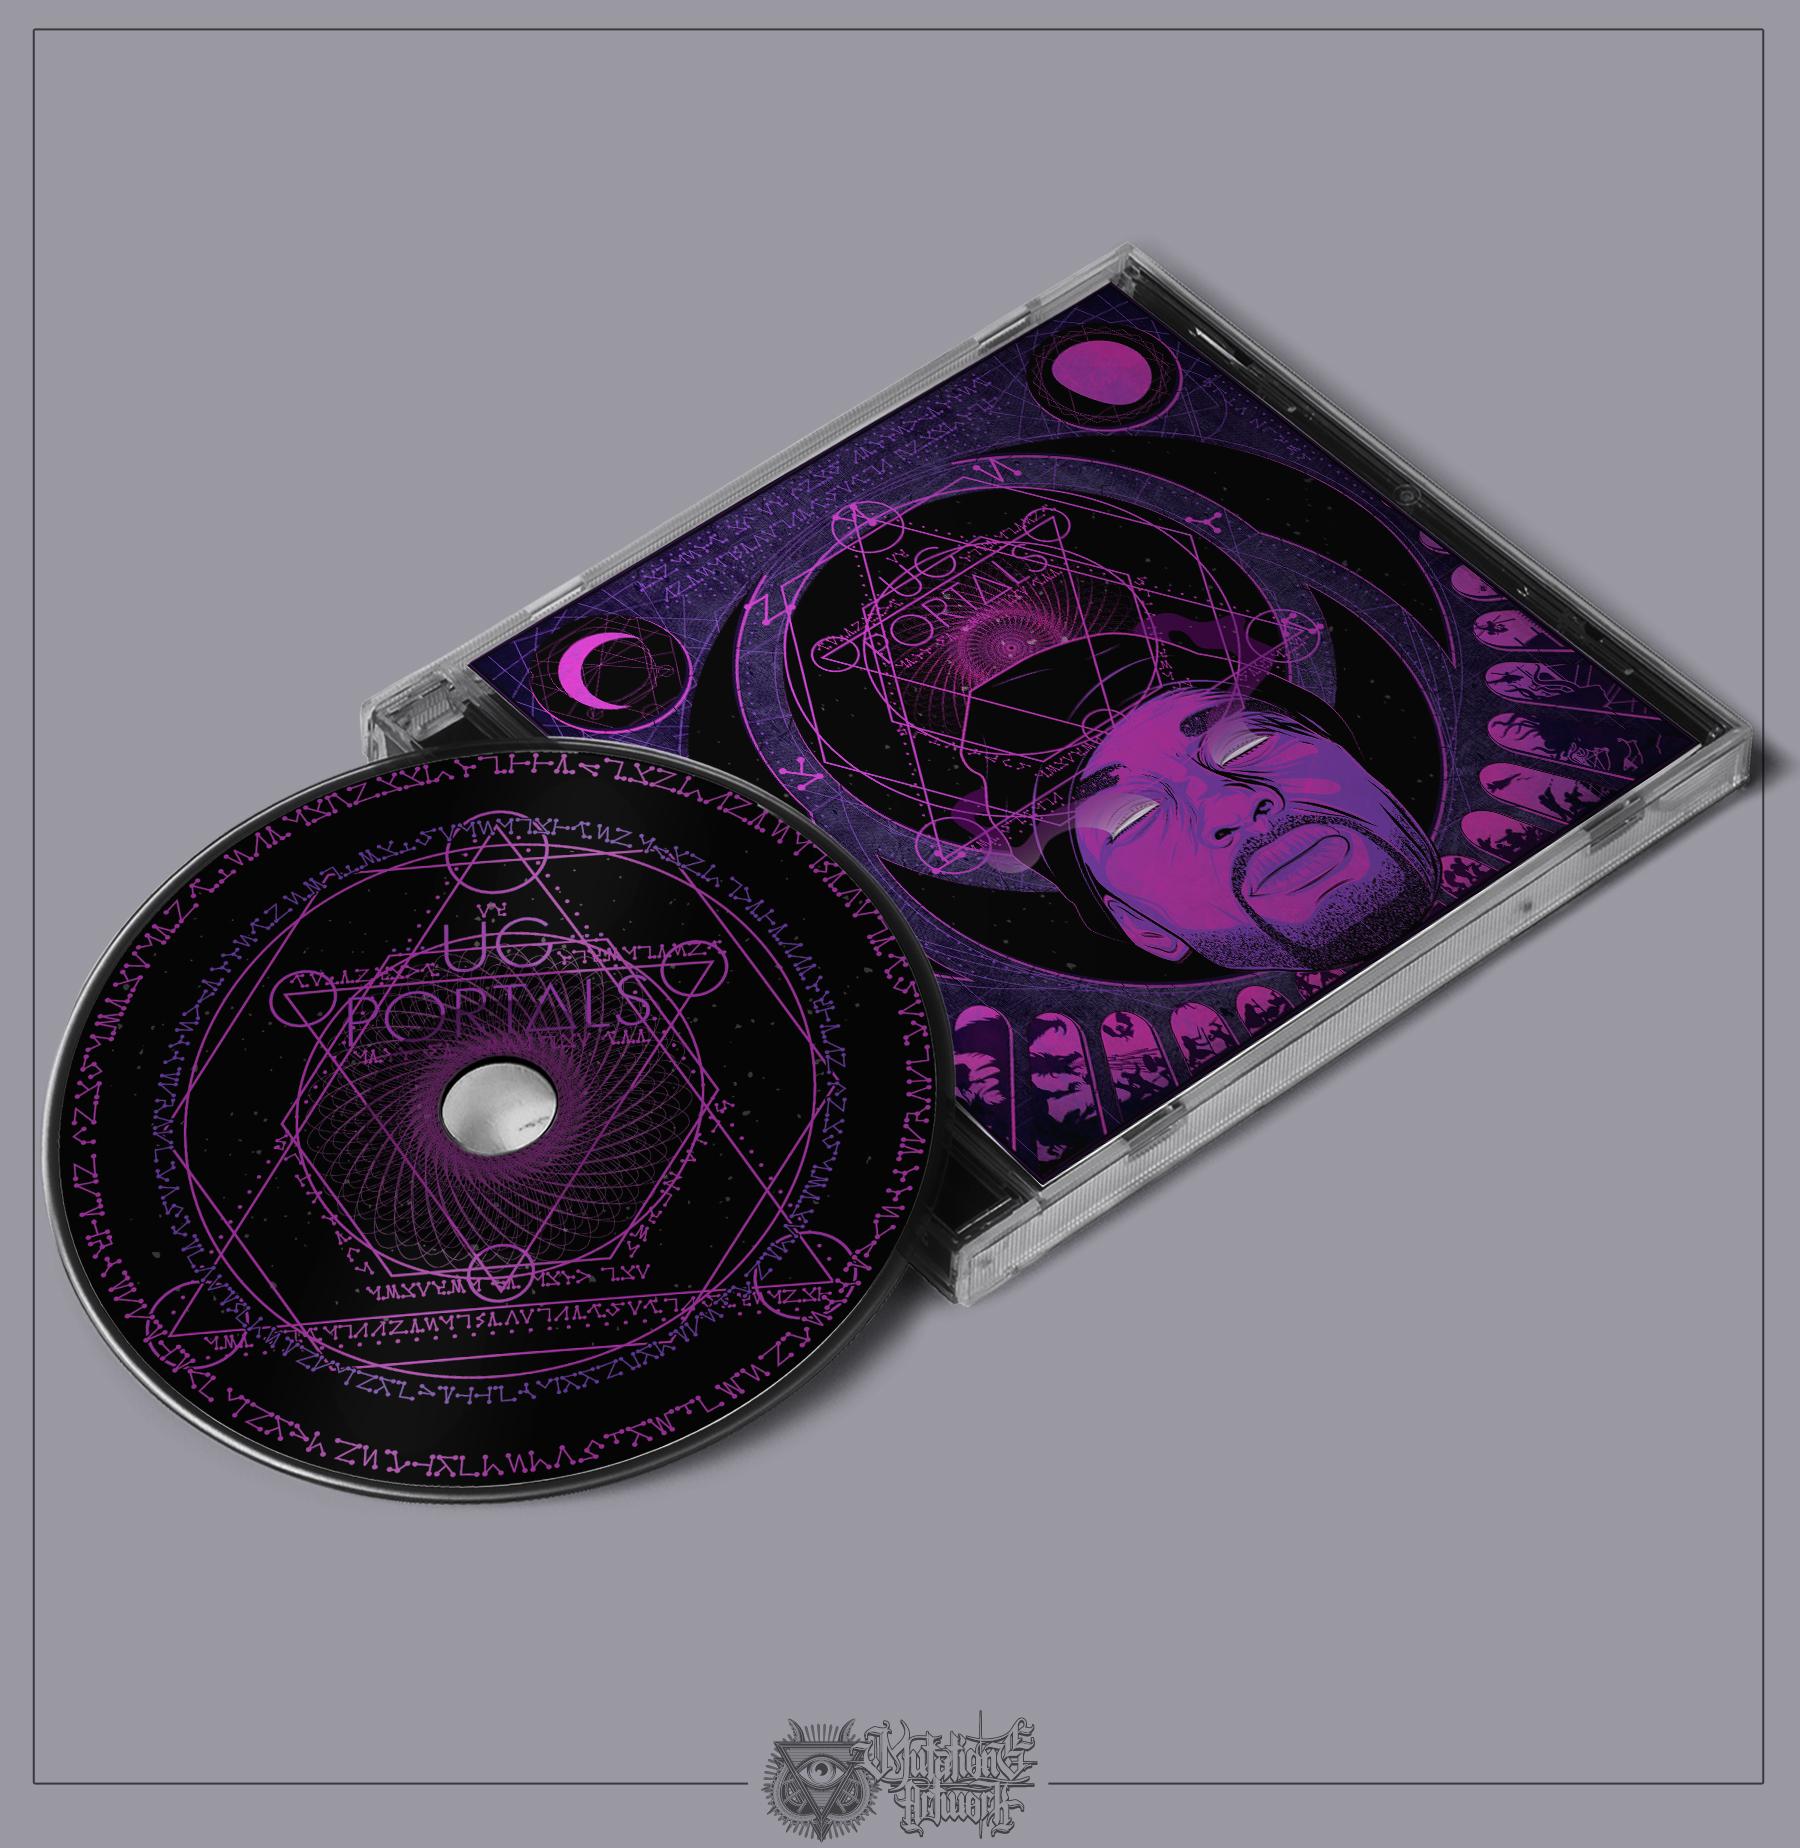 U.G. Portals CD Compact Disc